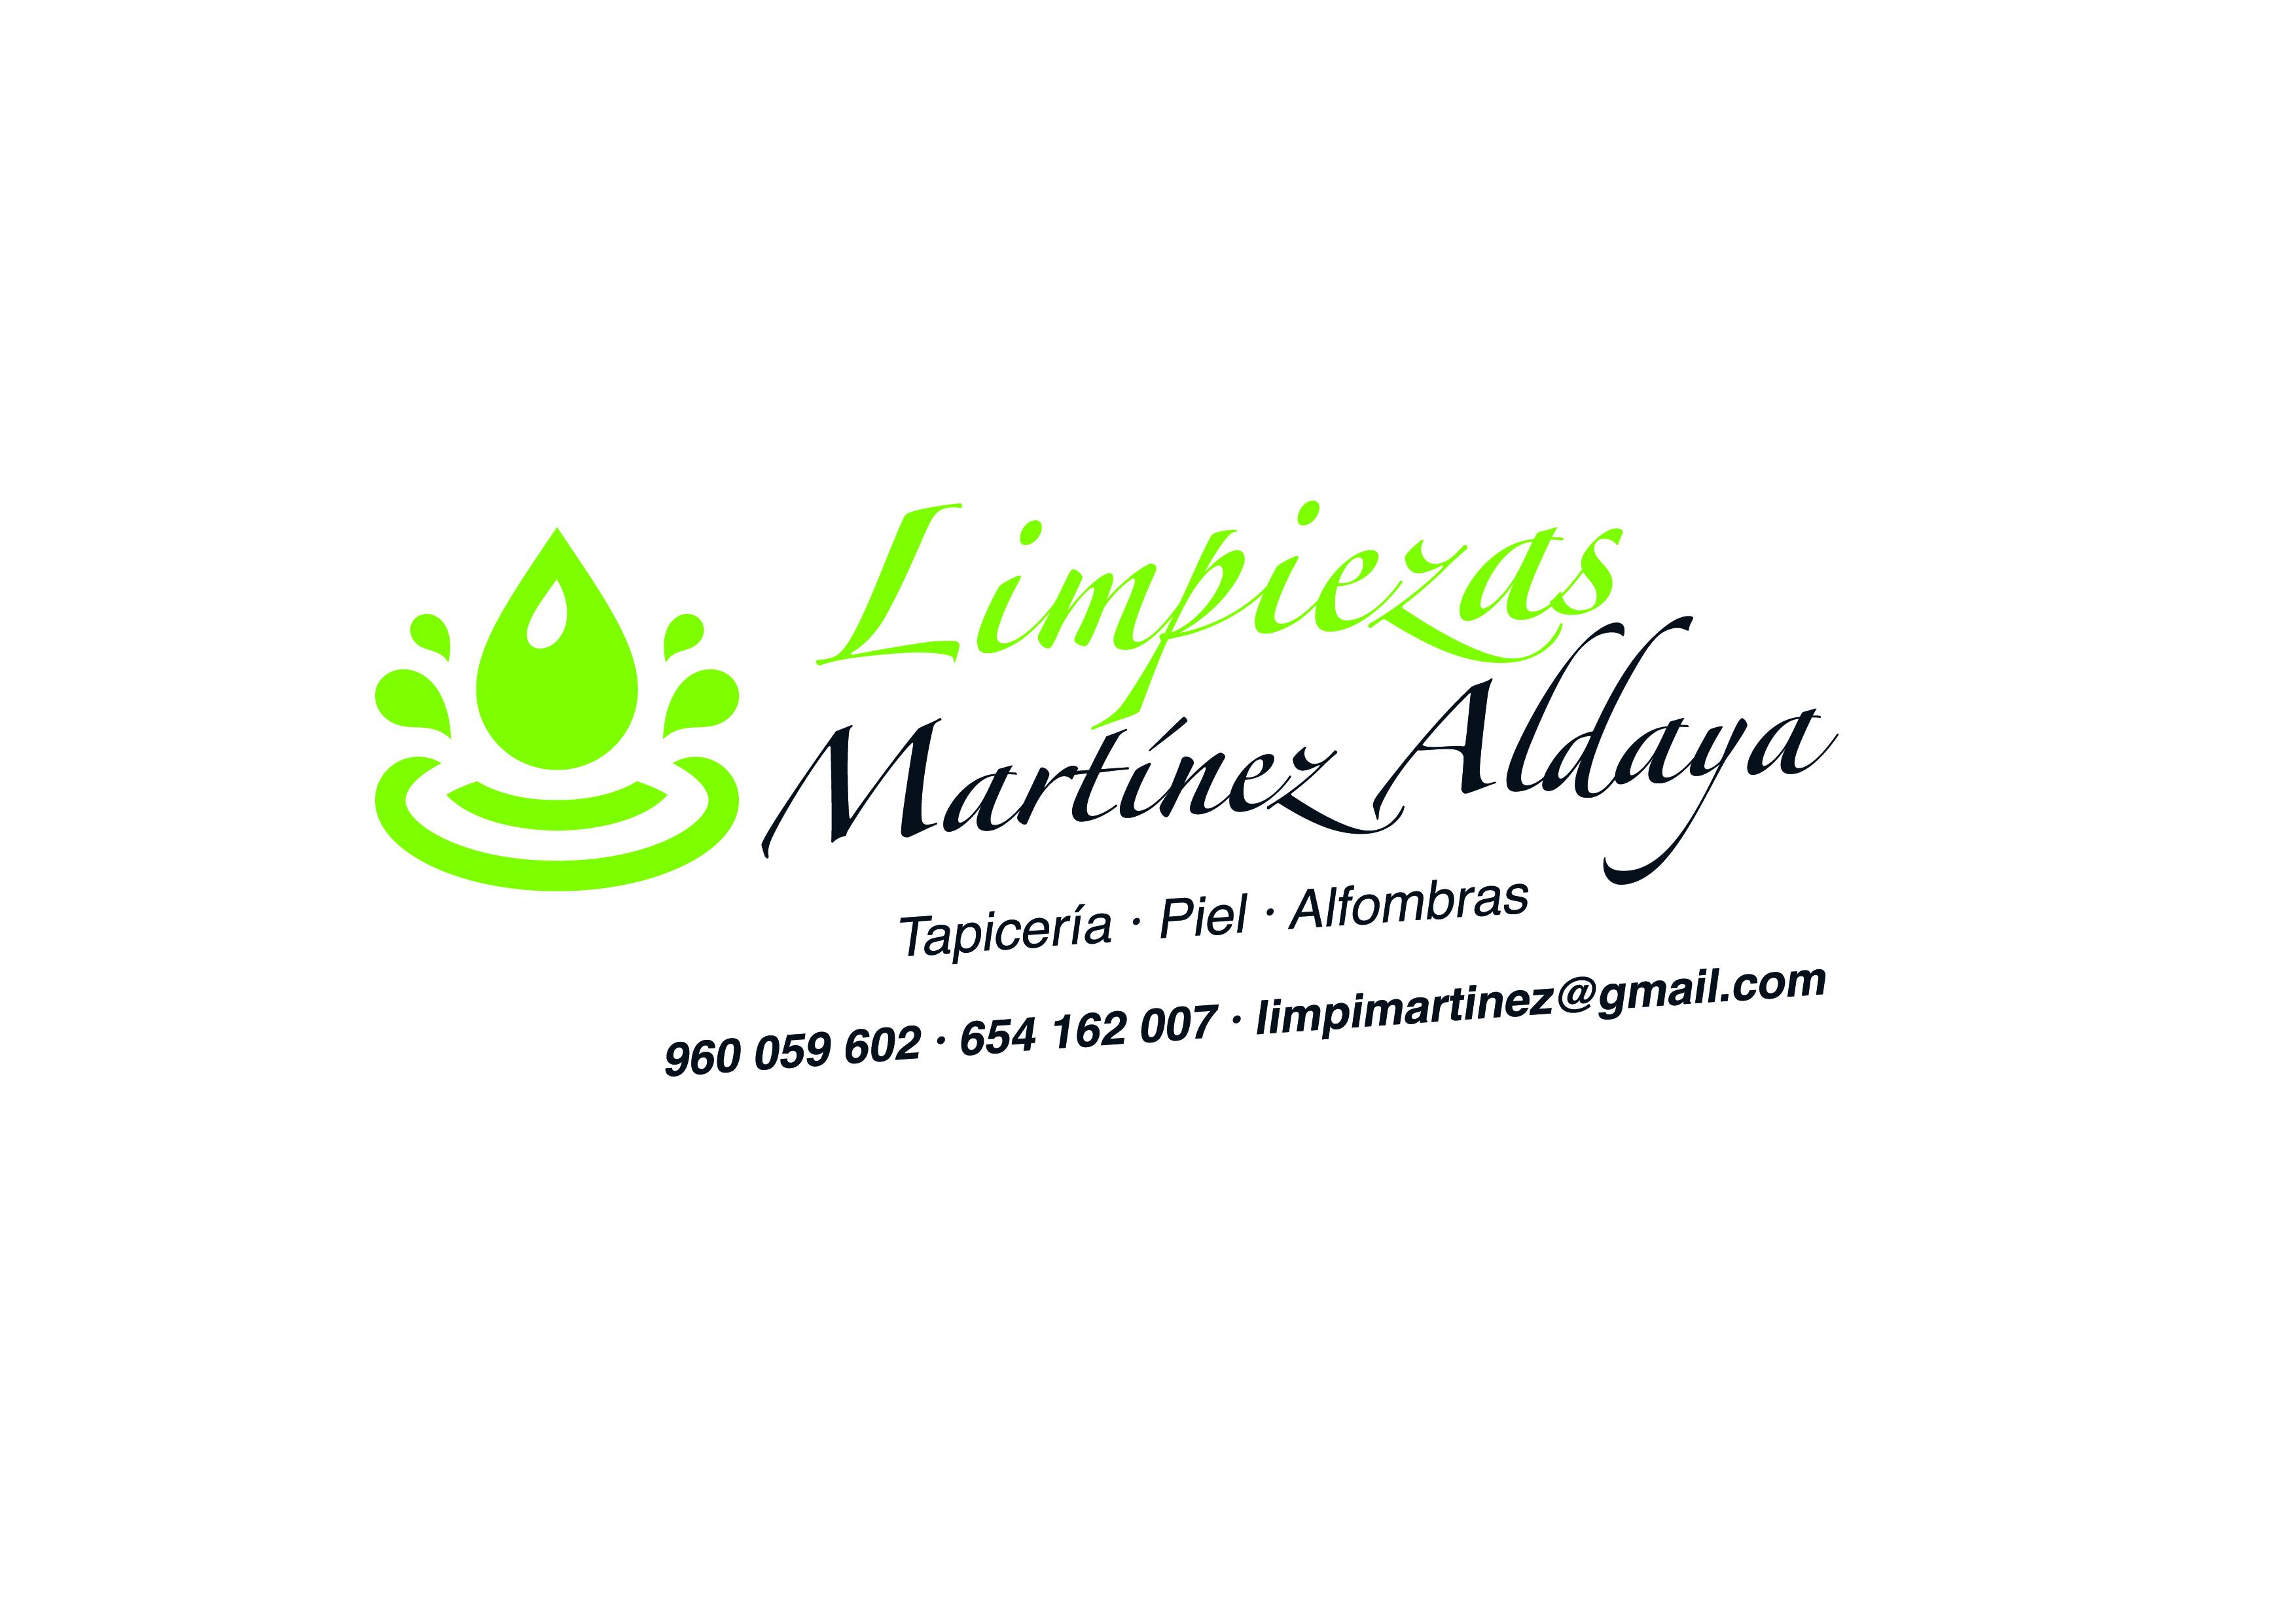 Limpiezas Martínez Aldaya